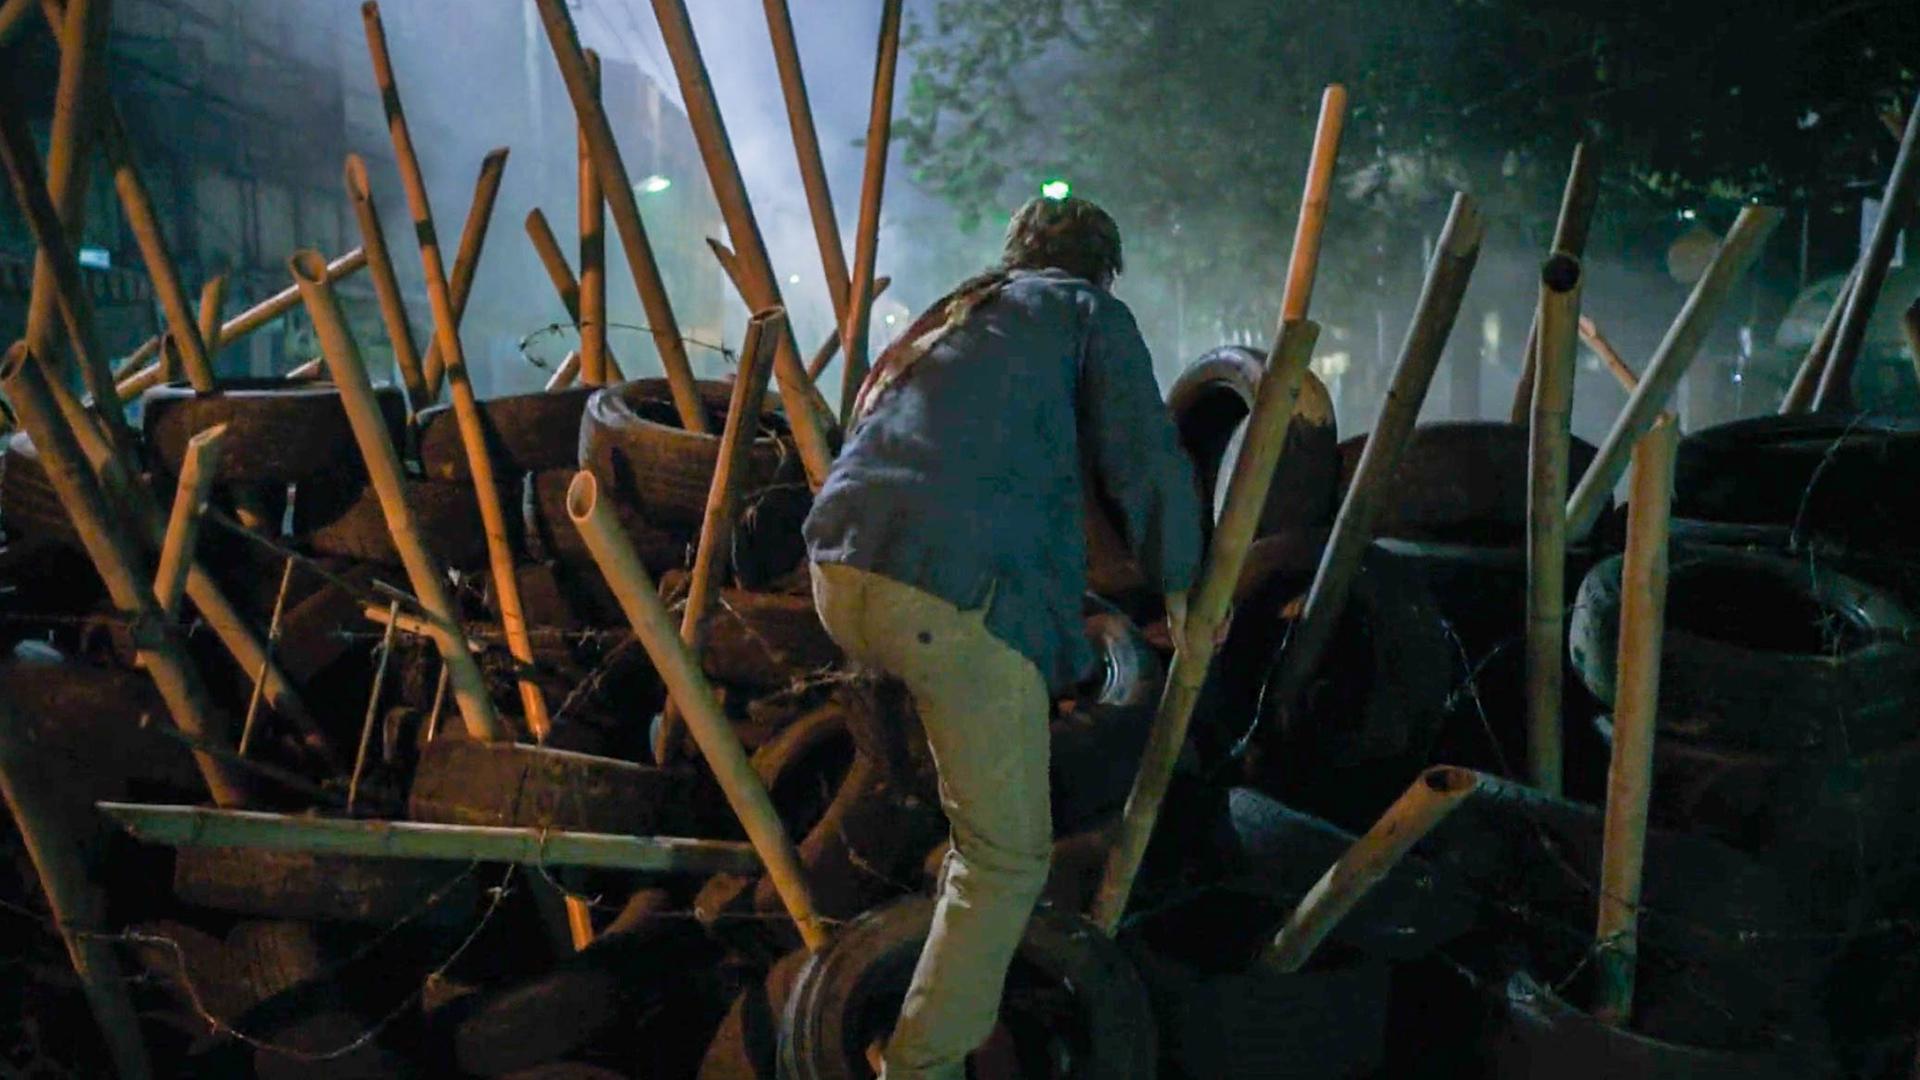 城市发生可怕灾难,男子翻过一堵墙,却被对面的景象给吓到了